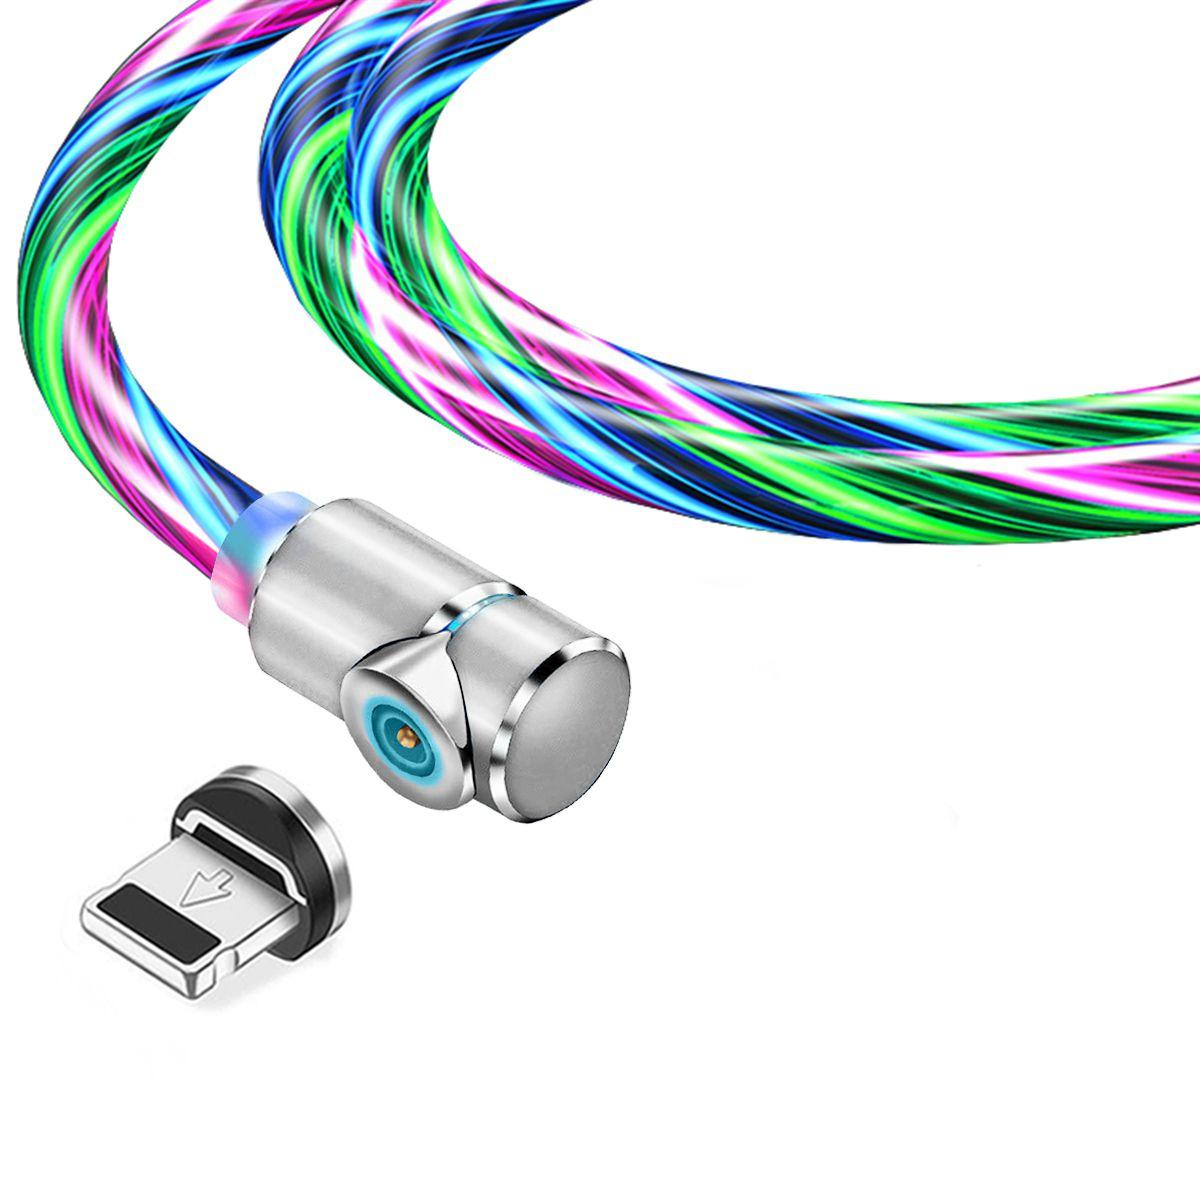 Магнитный кабель TOPK apple-lightning (LZ) для зарядки (100 см) RGB